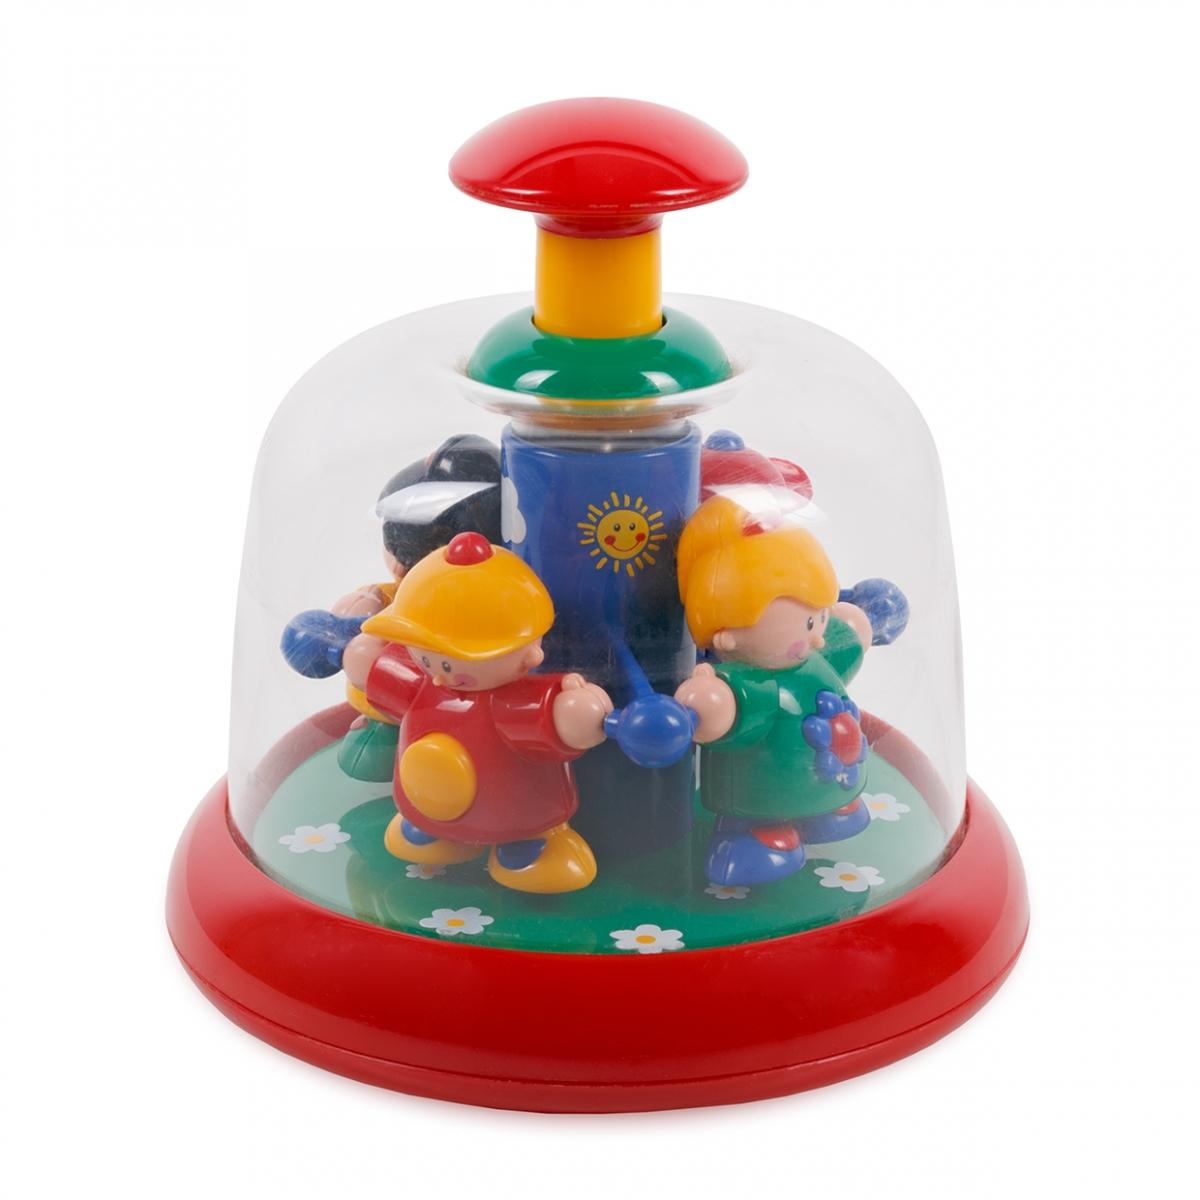 Imagen en la que se ve un juguete girador